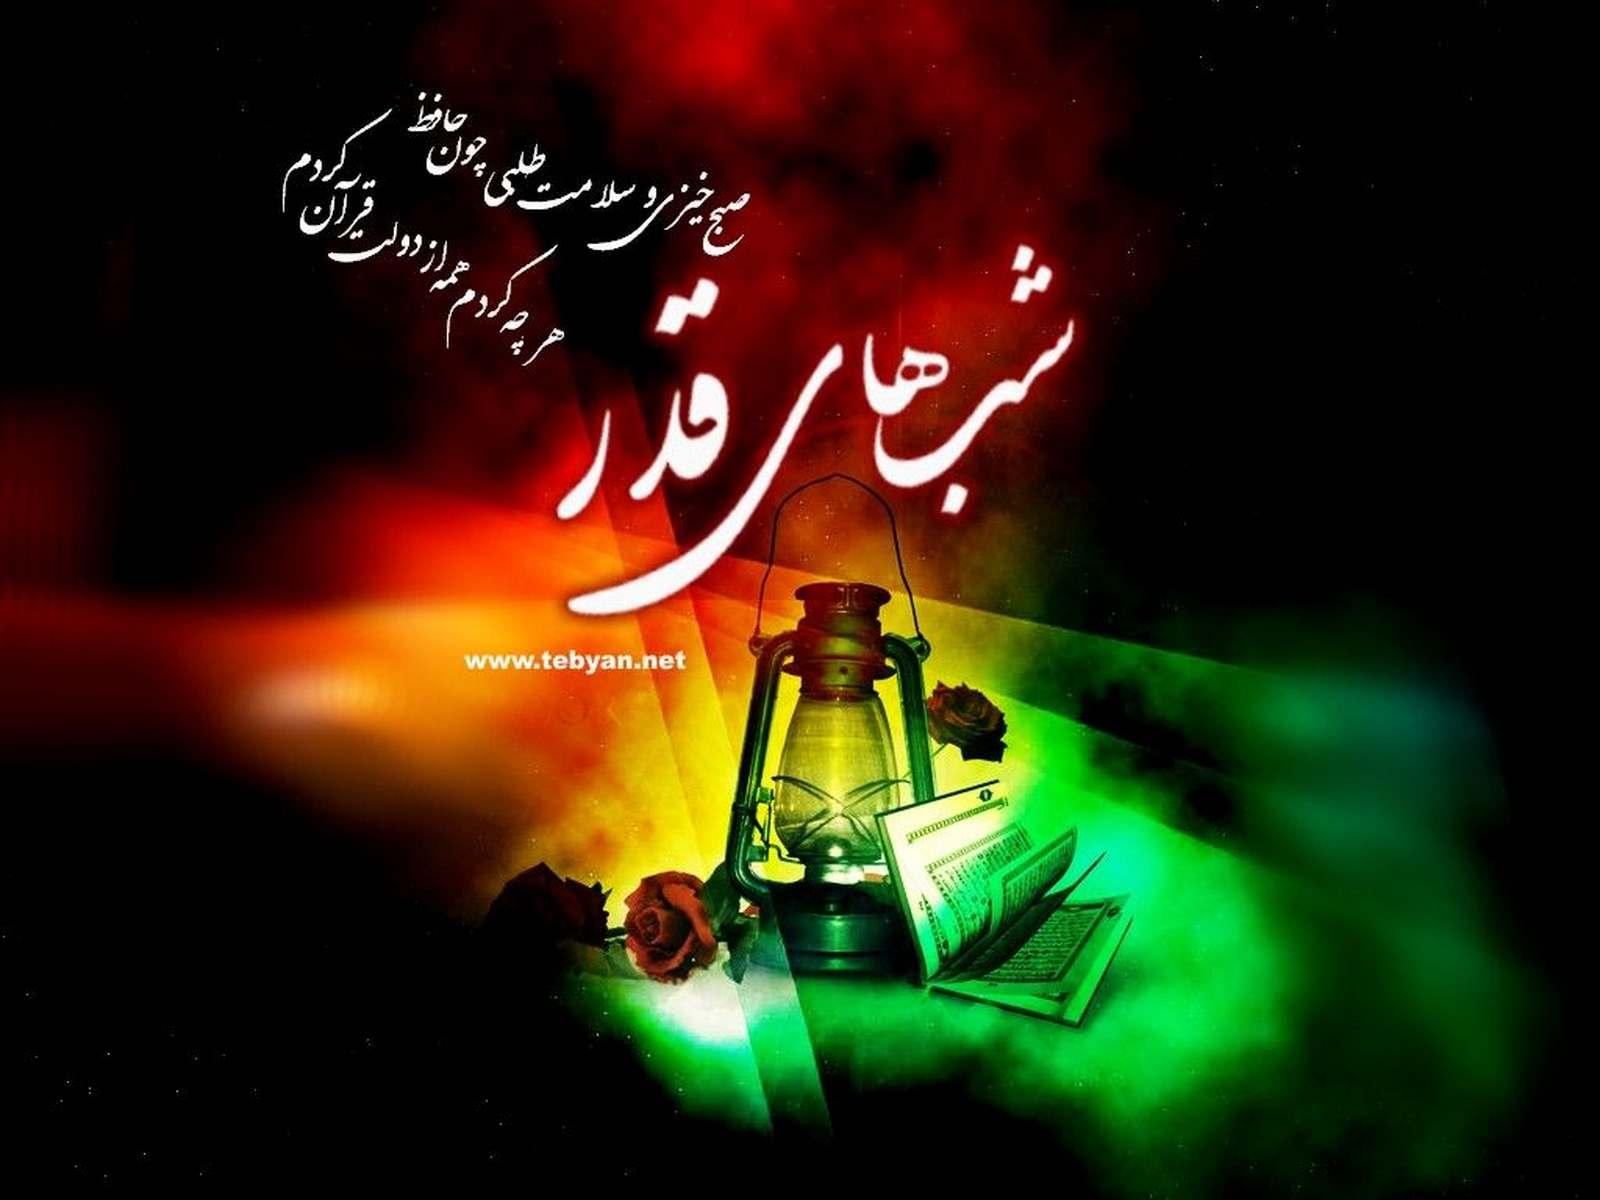 دانلود رایگان مجموعه تصاویر شهادت امام علی ع